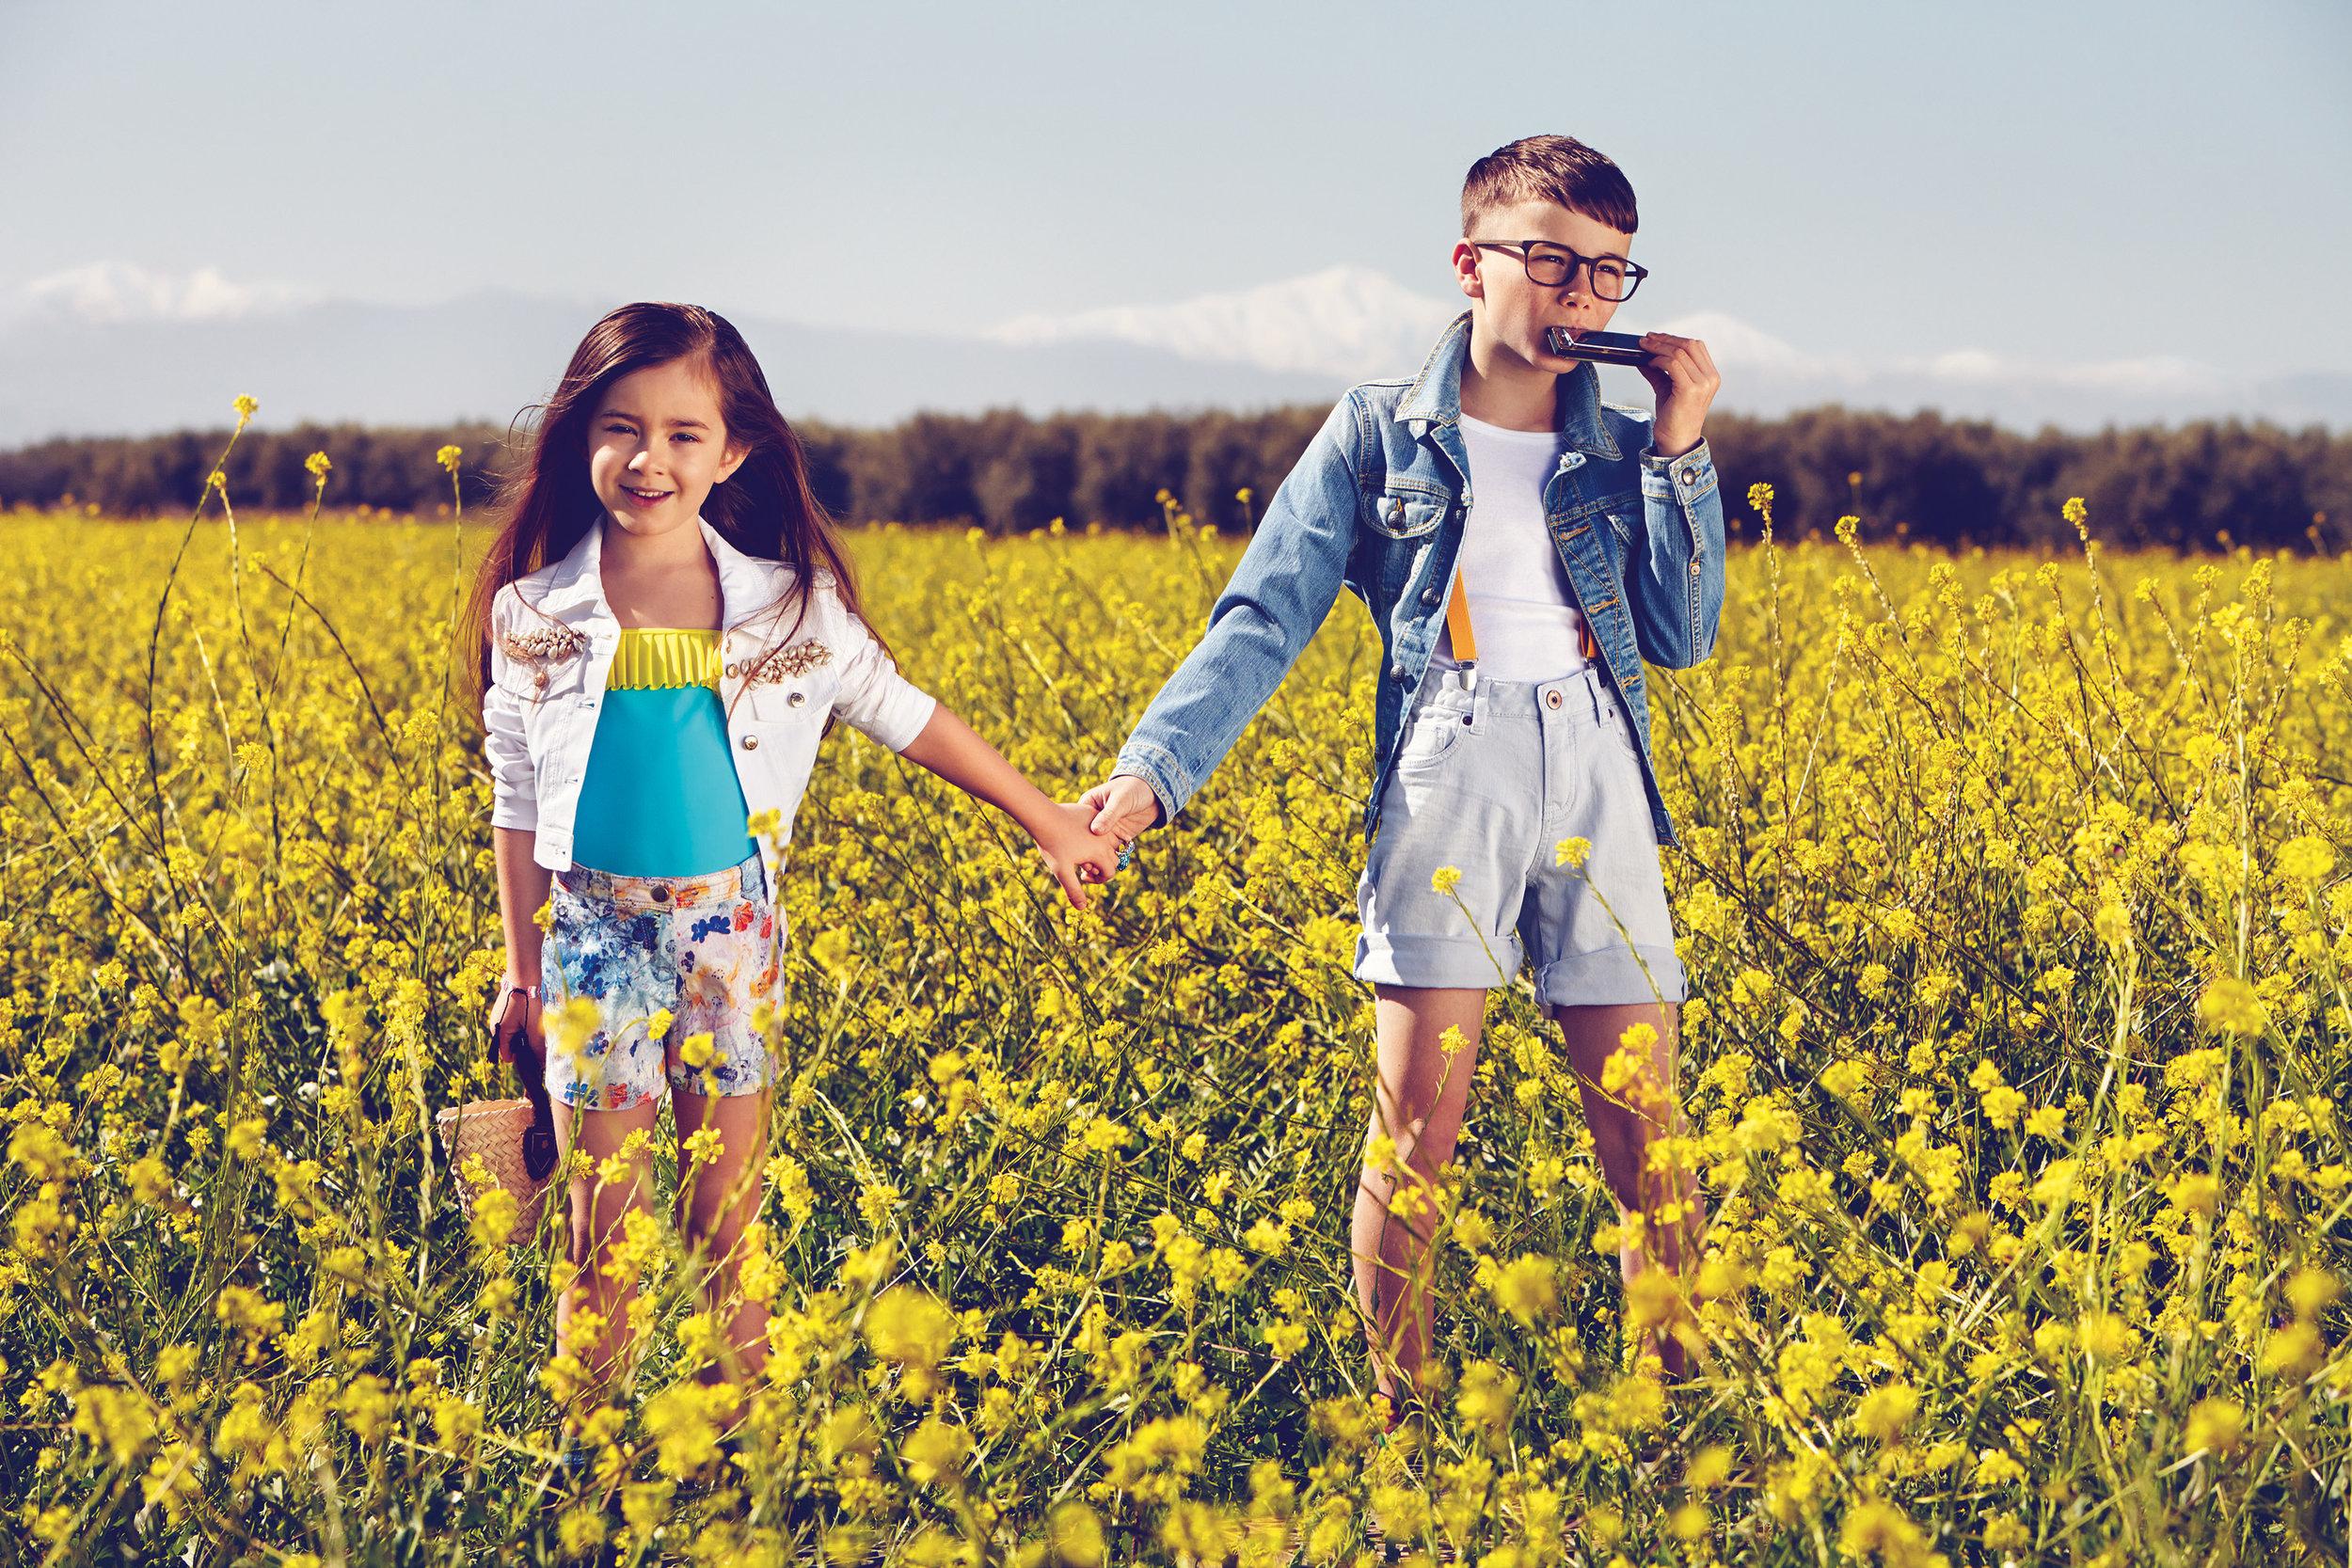 Ilve Little - Kids in field of flowers